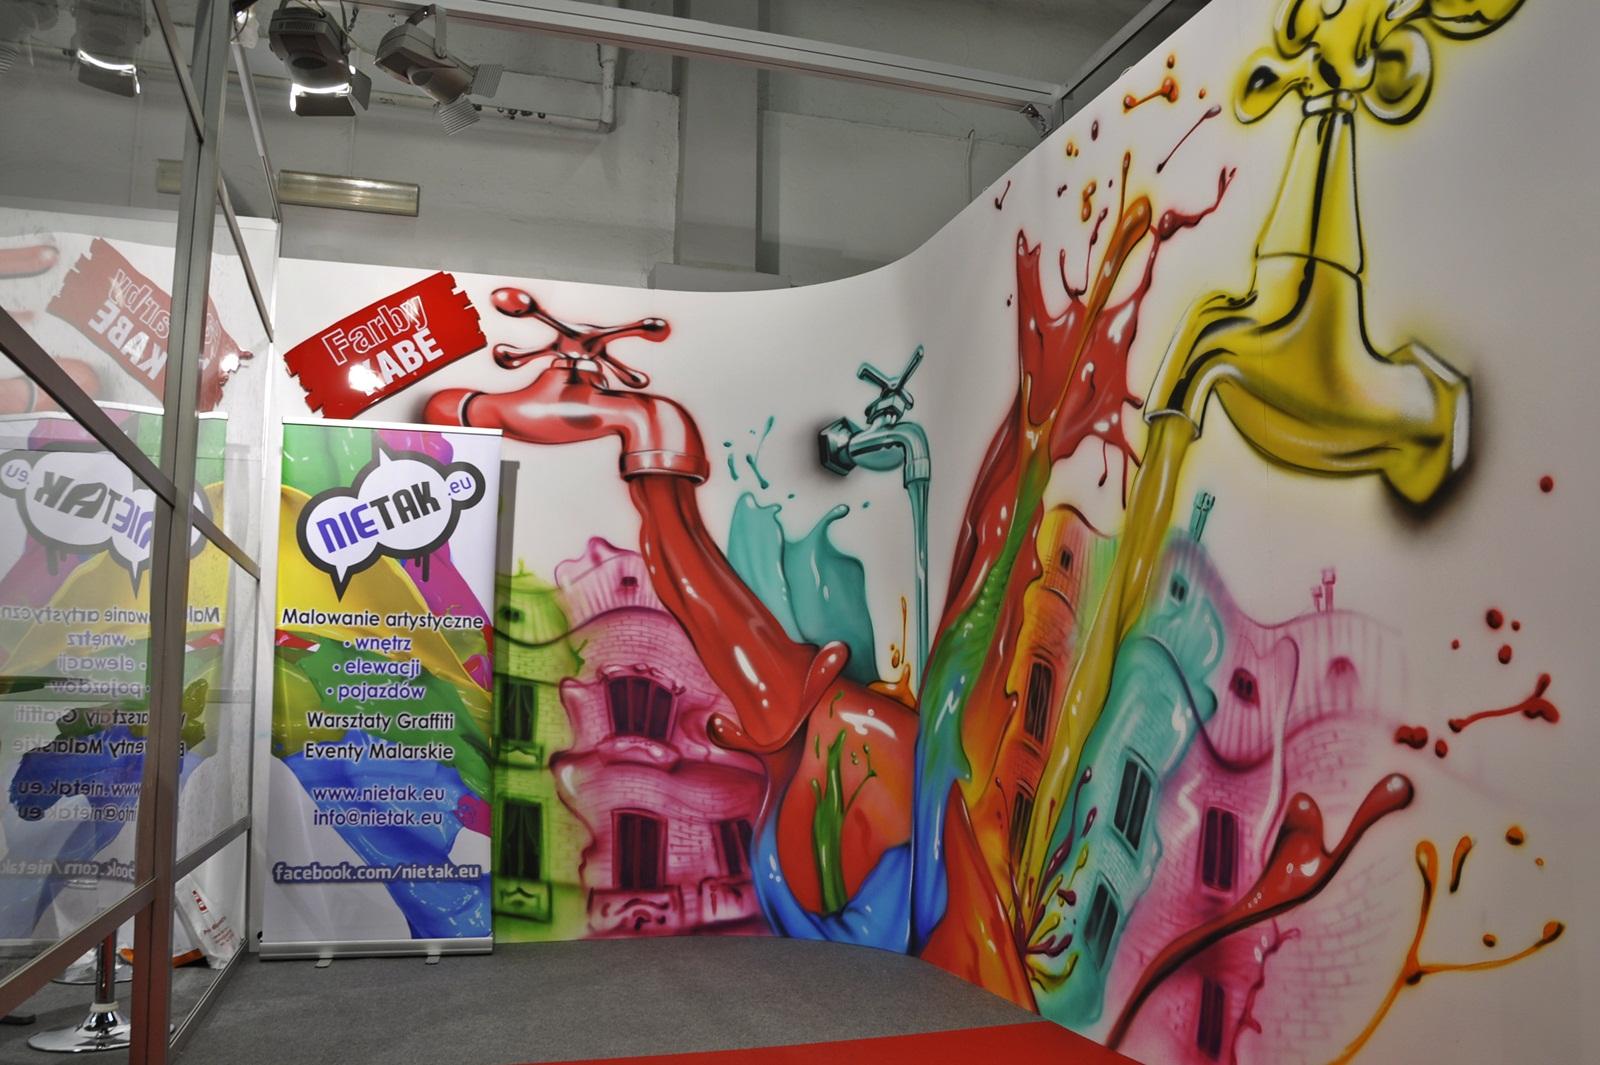 nietak, malowanie aertystyczne, farby kabe, targi kielce, targi psb, malowanie wnętrz, airbrush